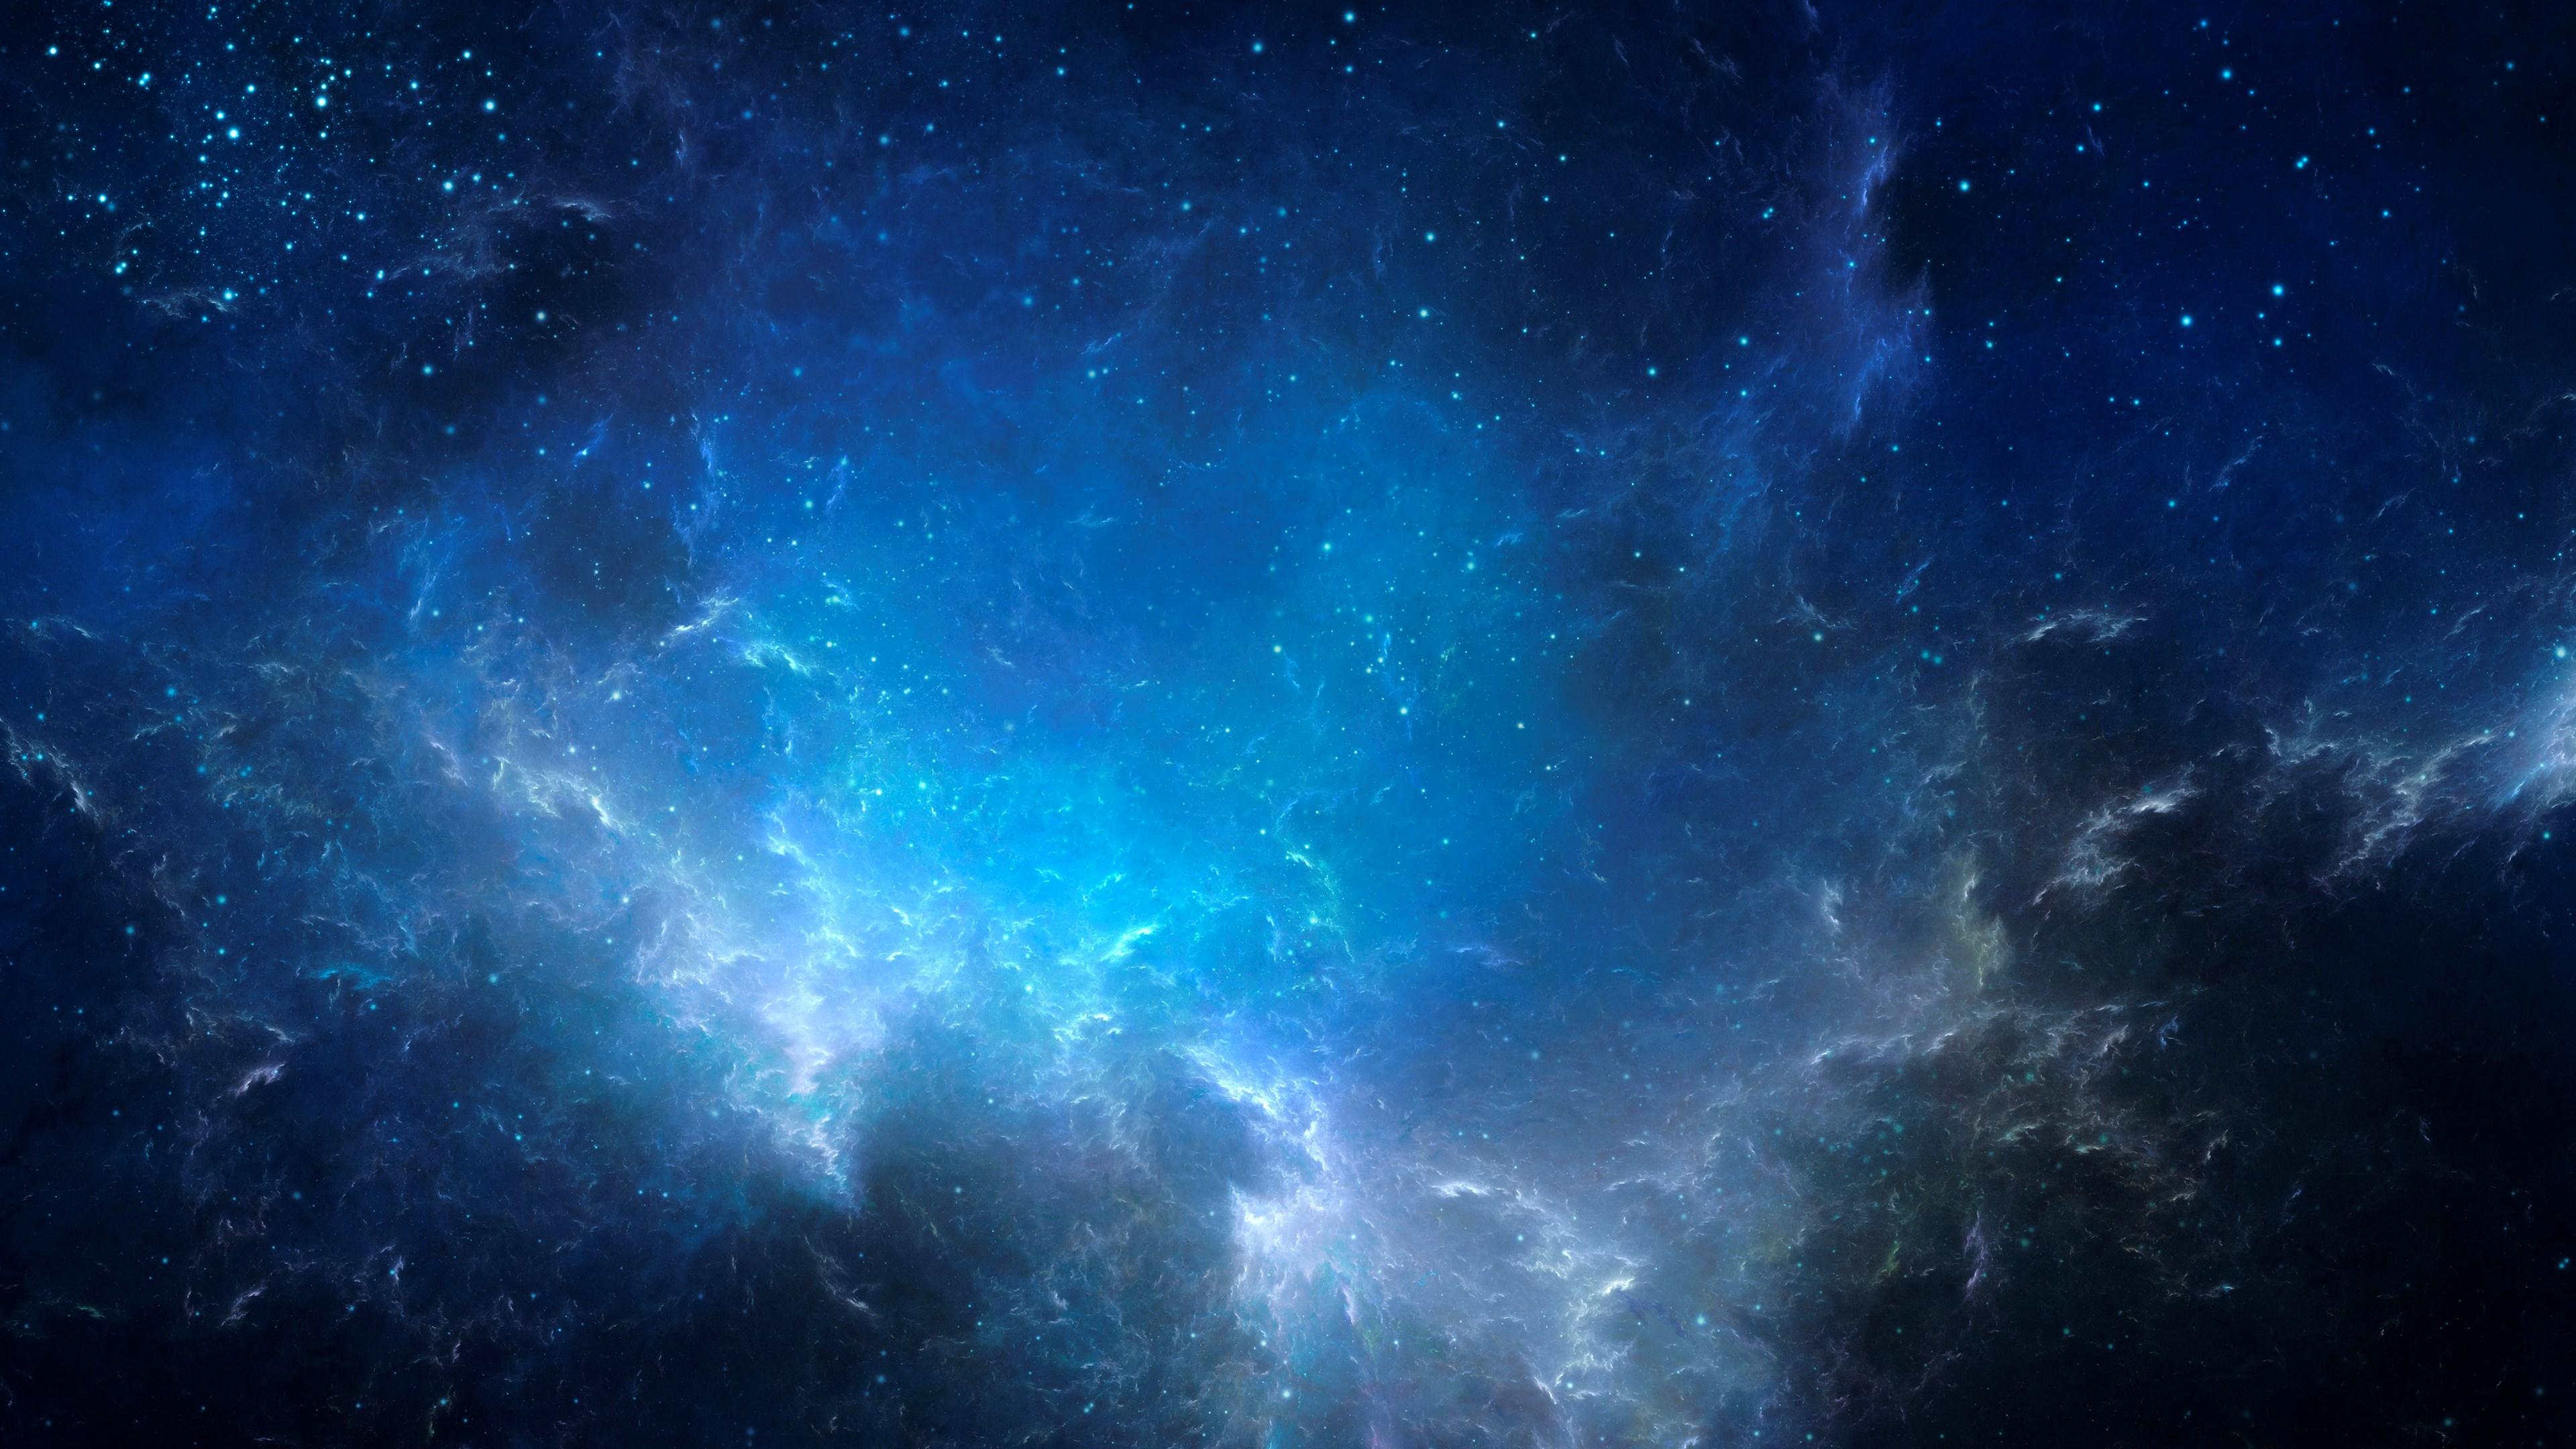 skachat-oboi-kosmos-4k-besplatno